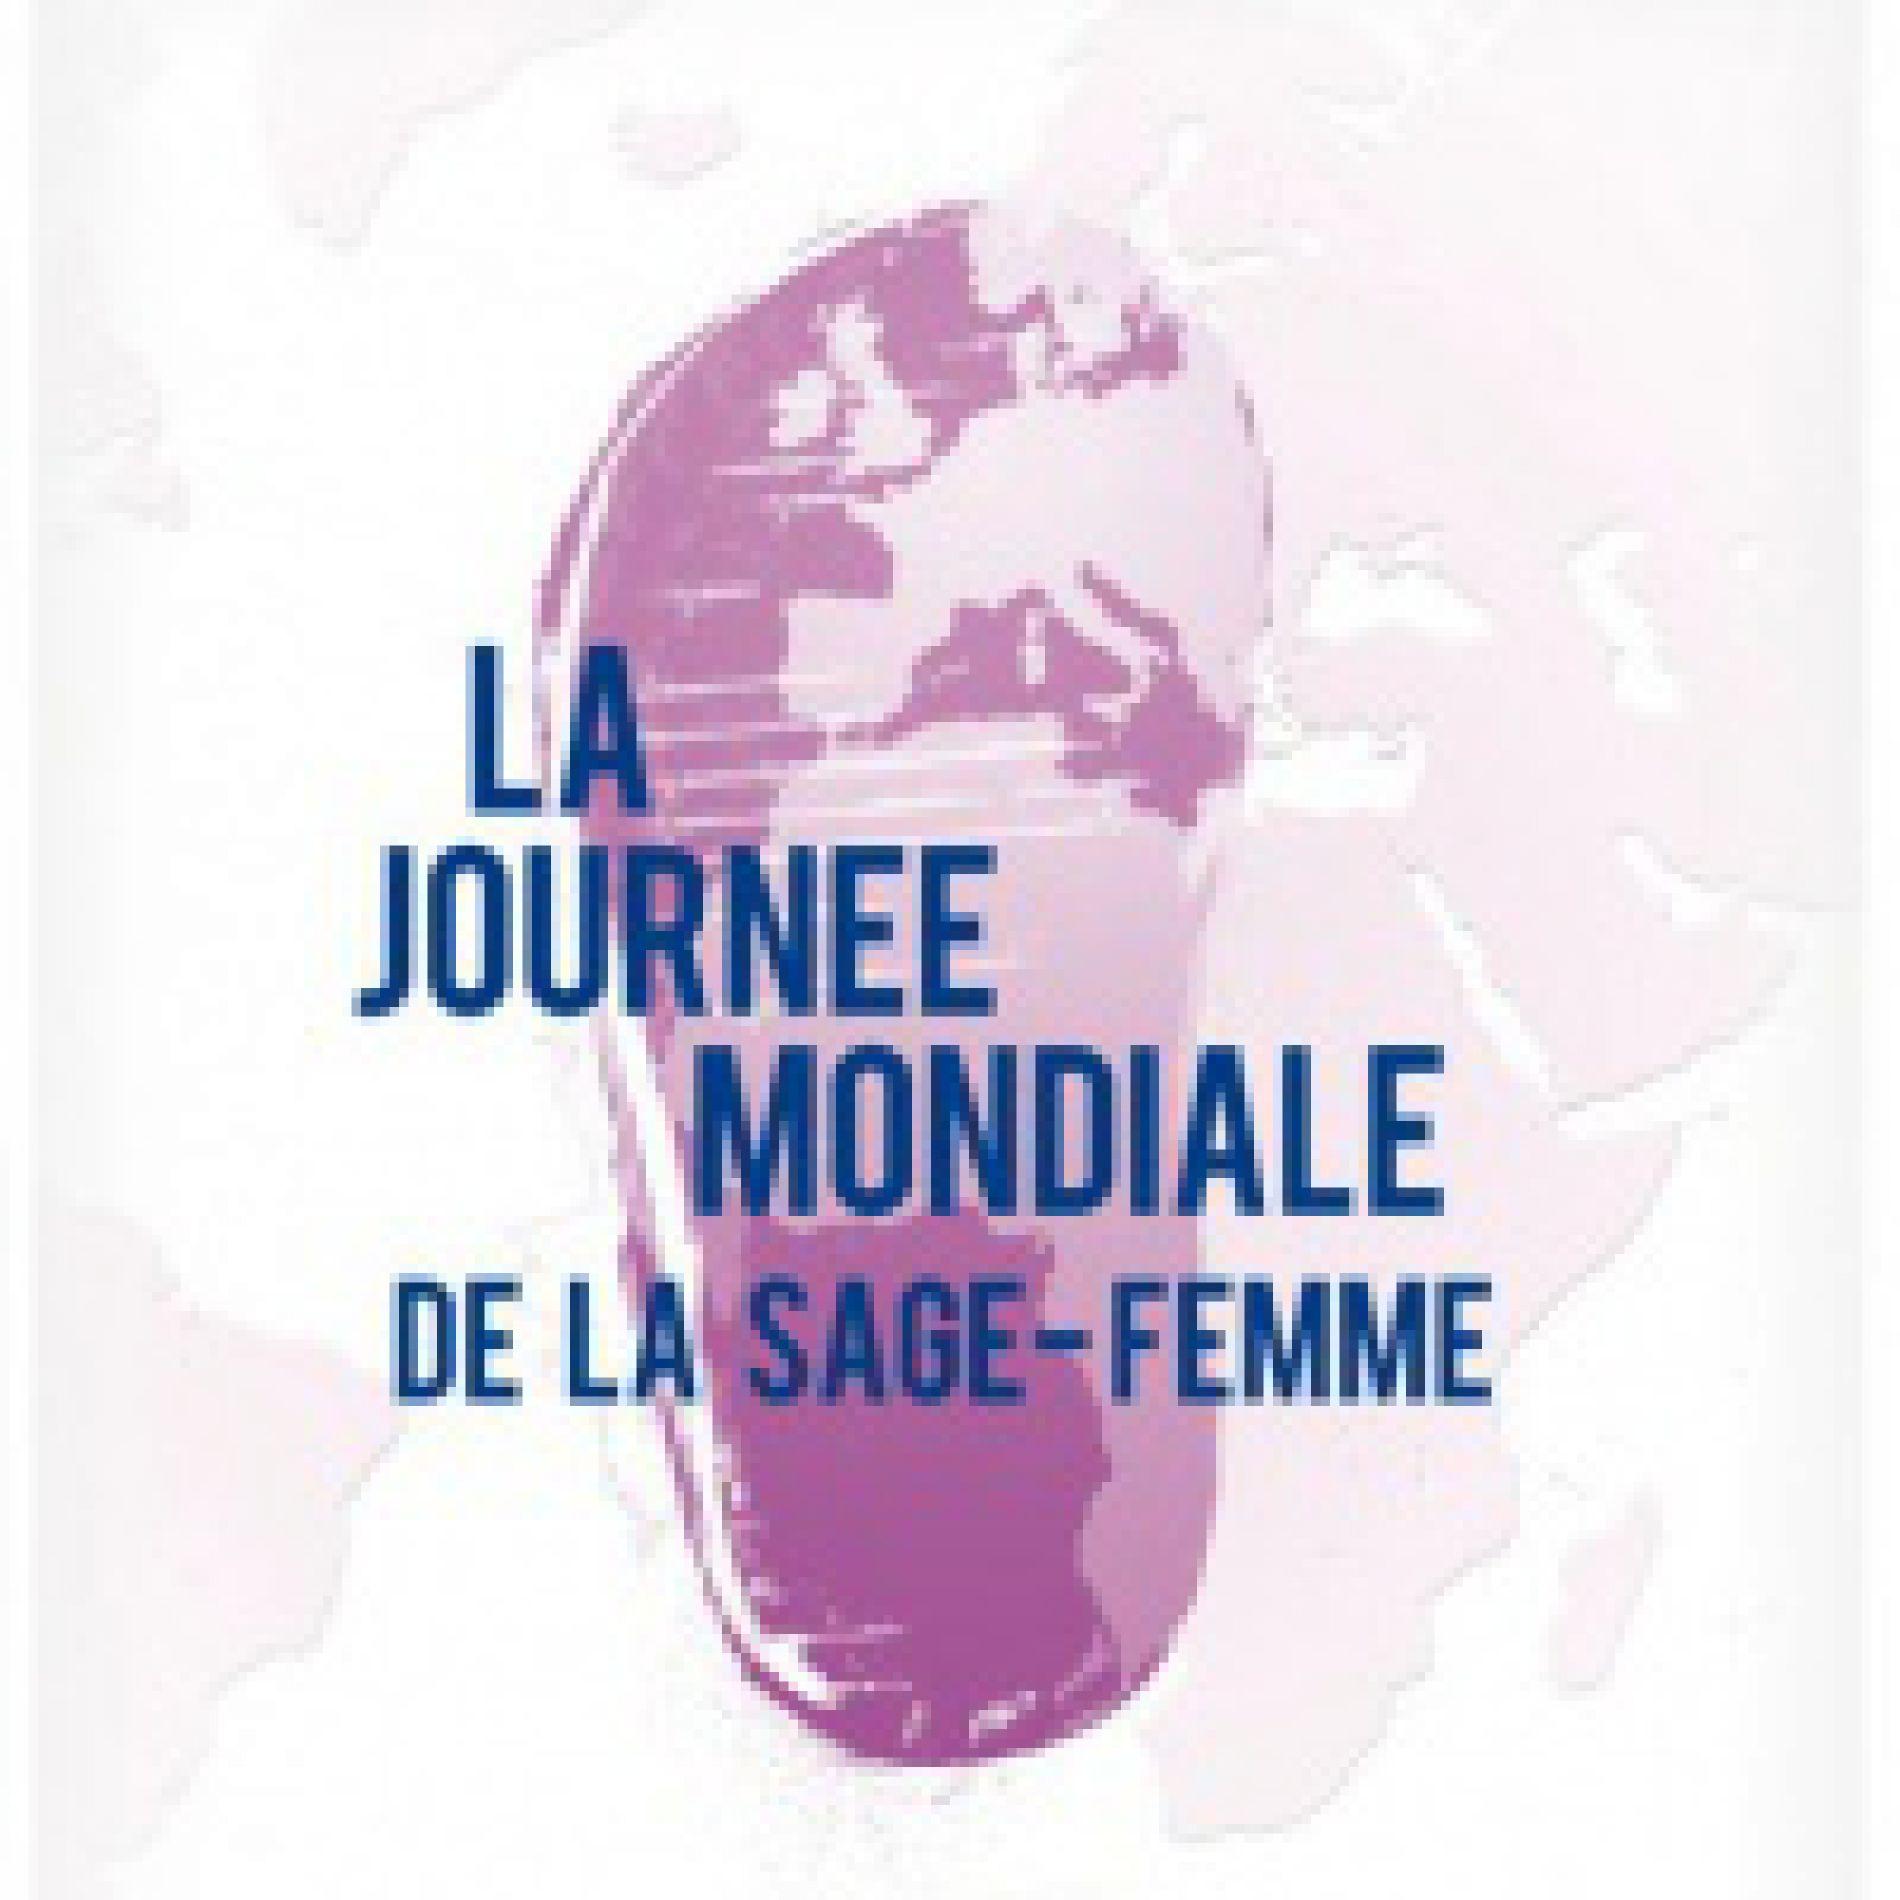 Journée mondiale de la sage-femme